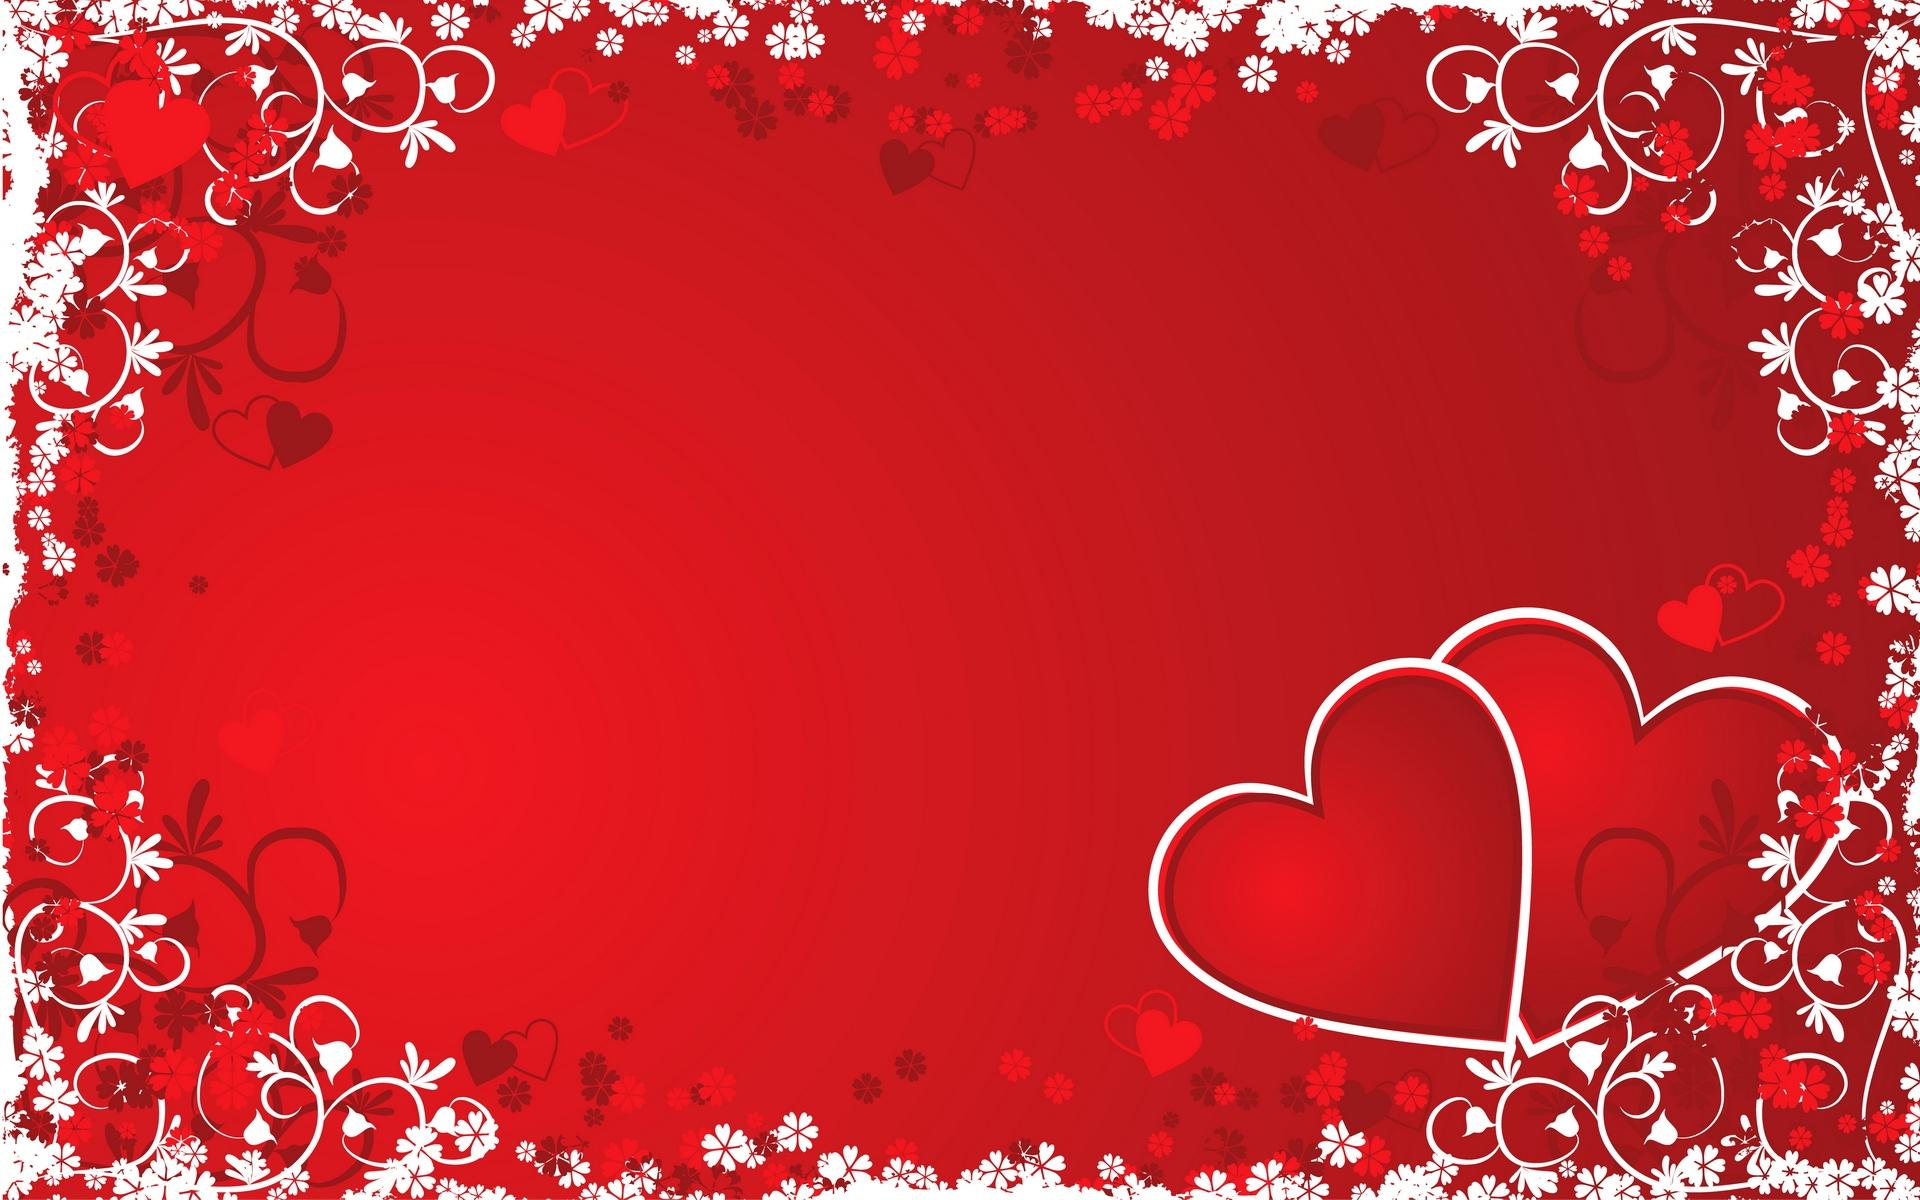 Cartao De Amor Para Photoshop: Papel De Parede : Amor, Coração, Vermelho, Texto